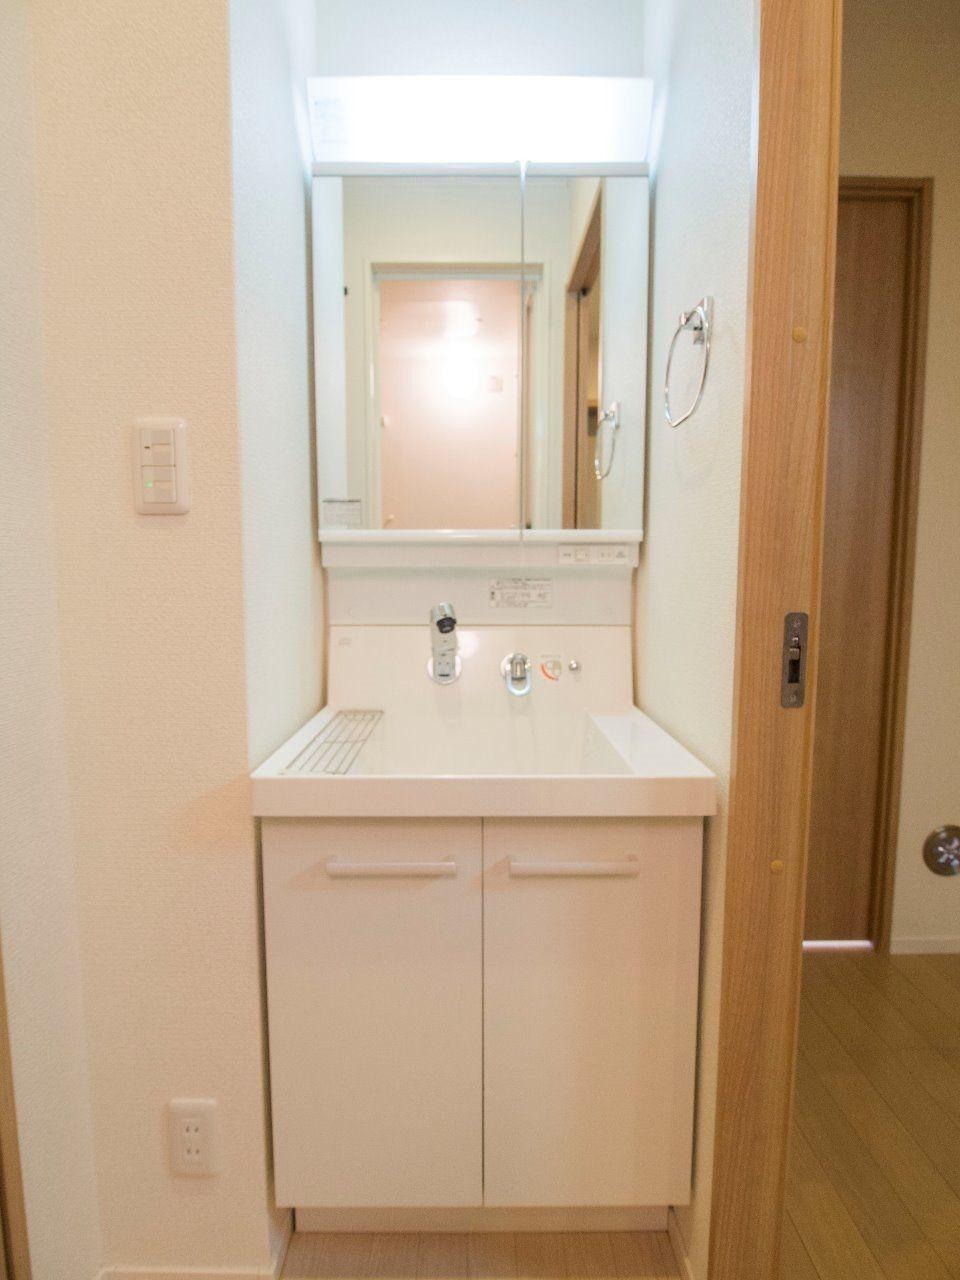 2面鏡になっている洗面化粧台はリクシル製